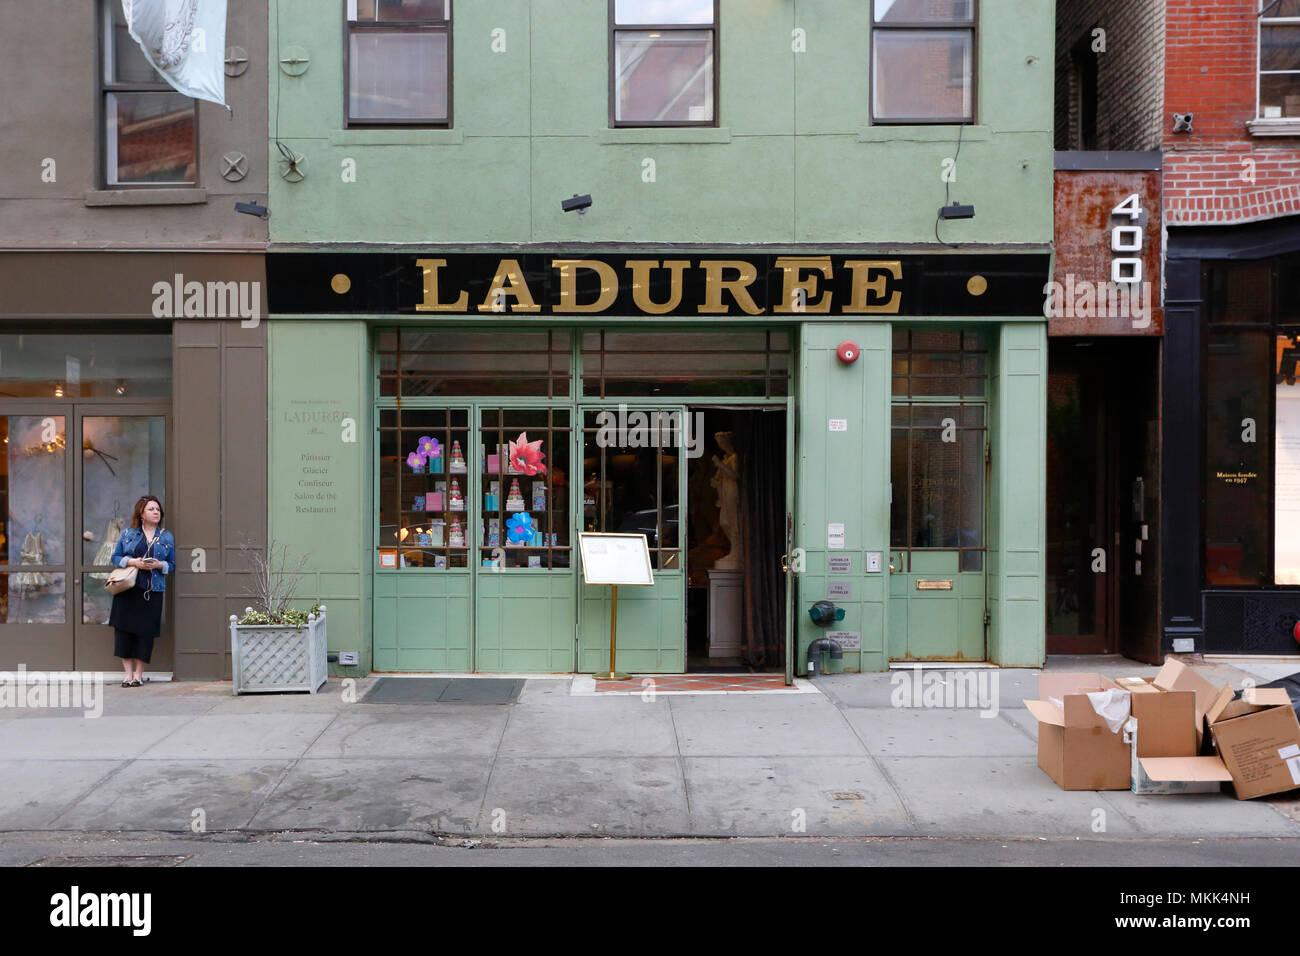 Laduree SoHo, 398 W Broadway, New York, NY. - Stock Image